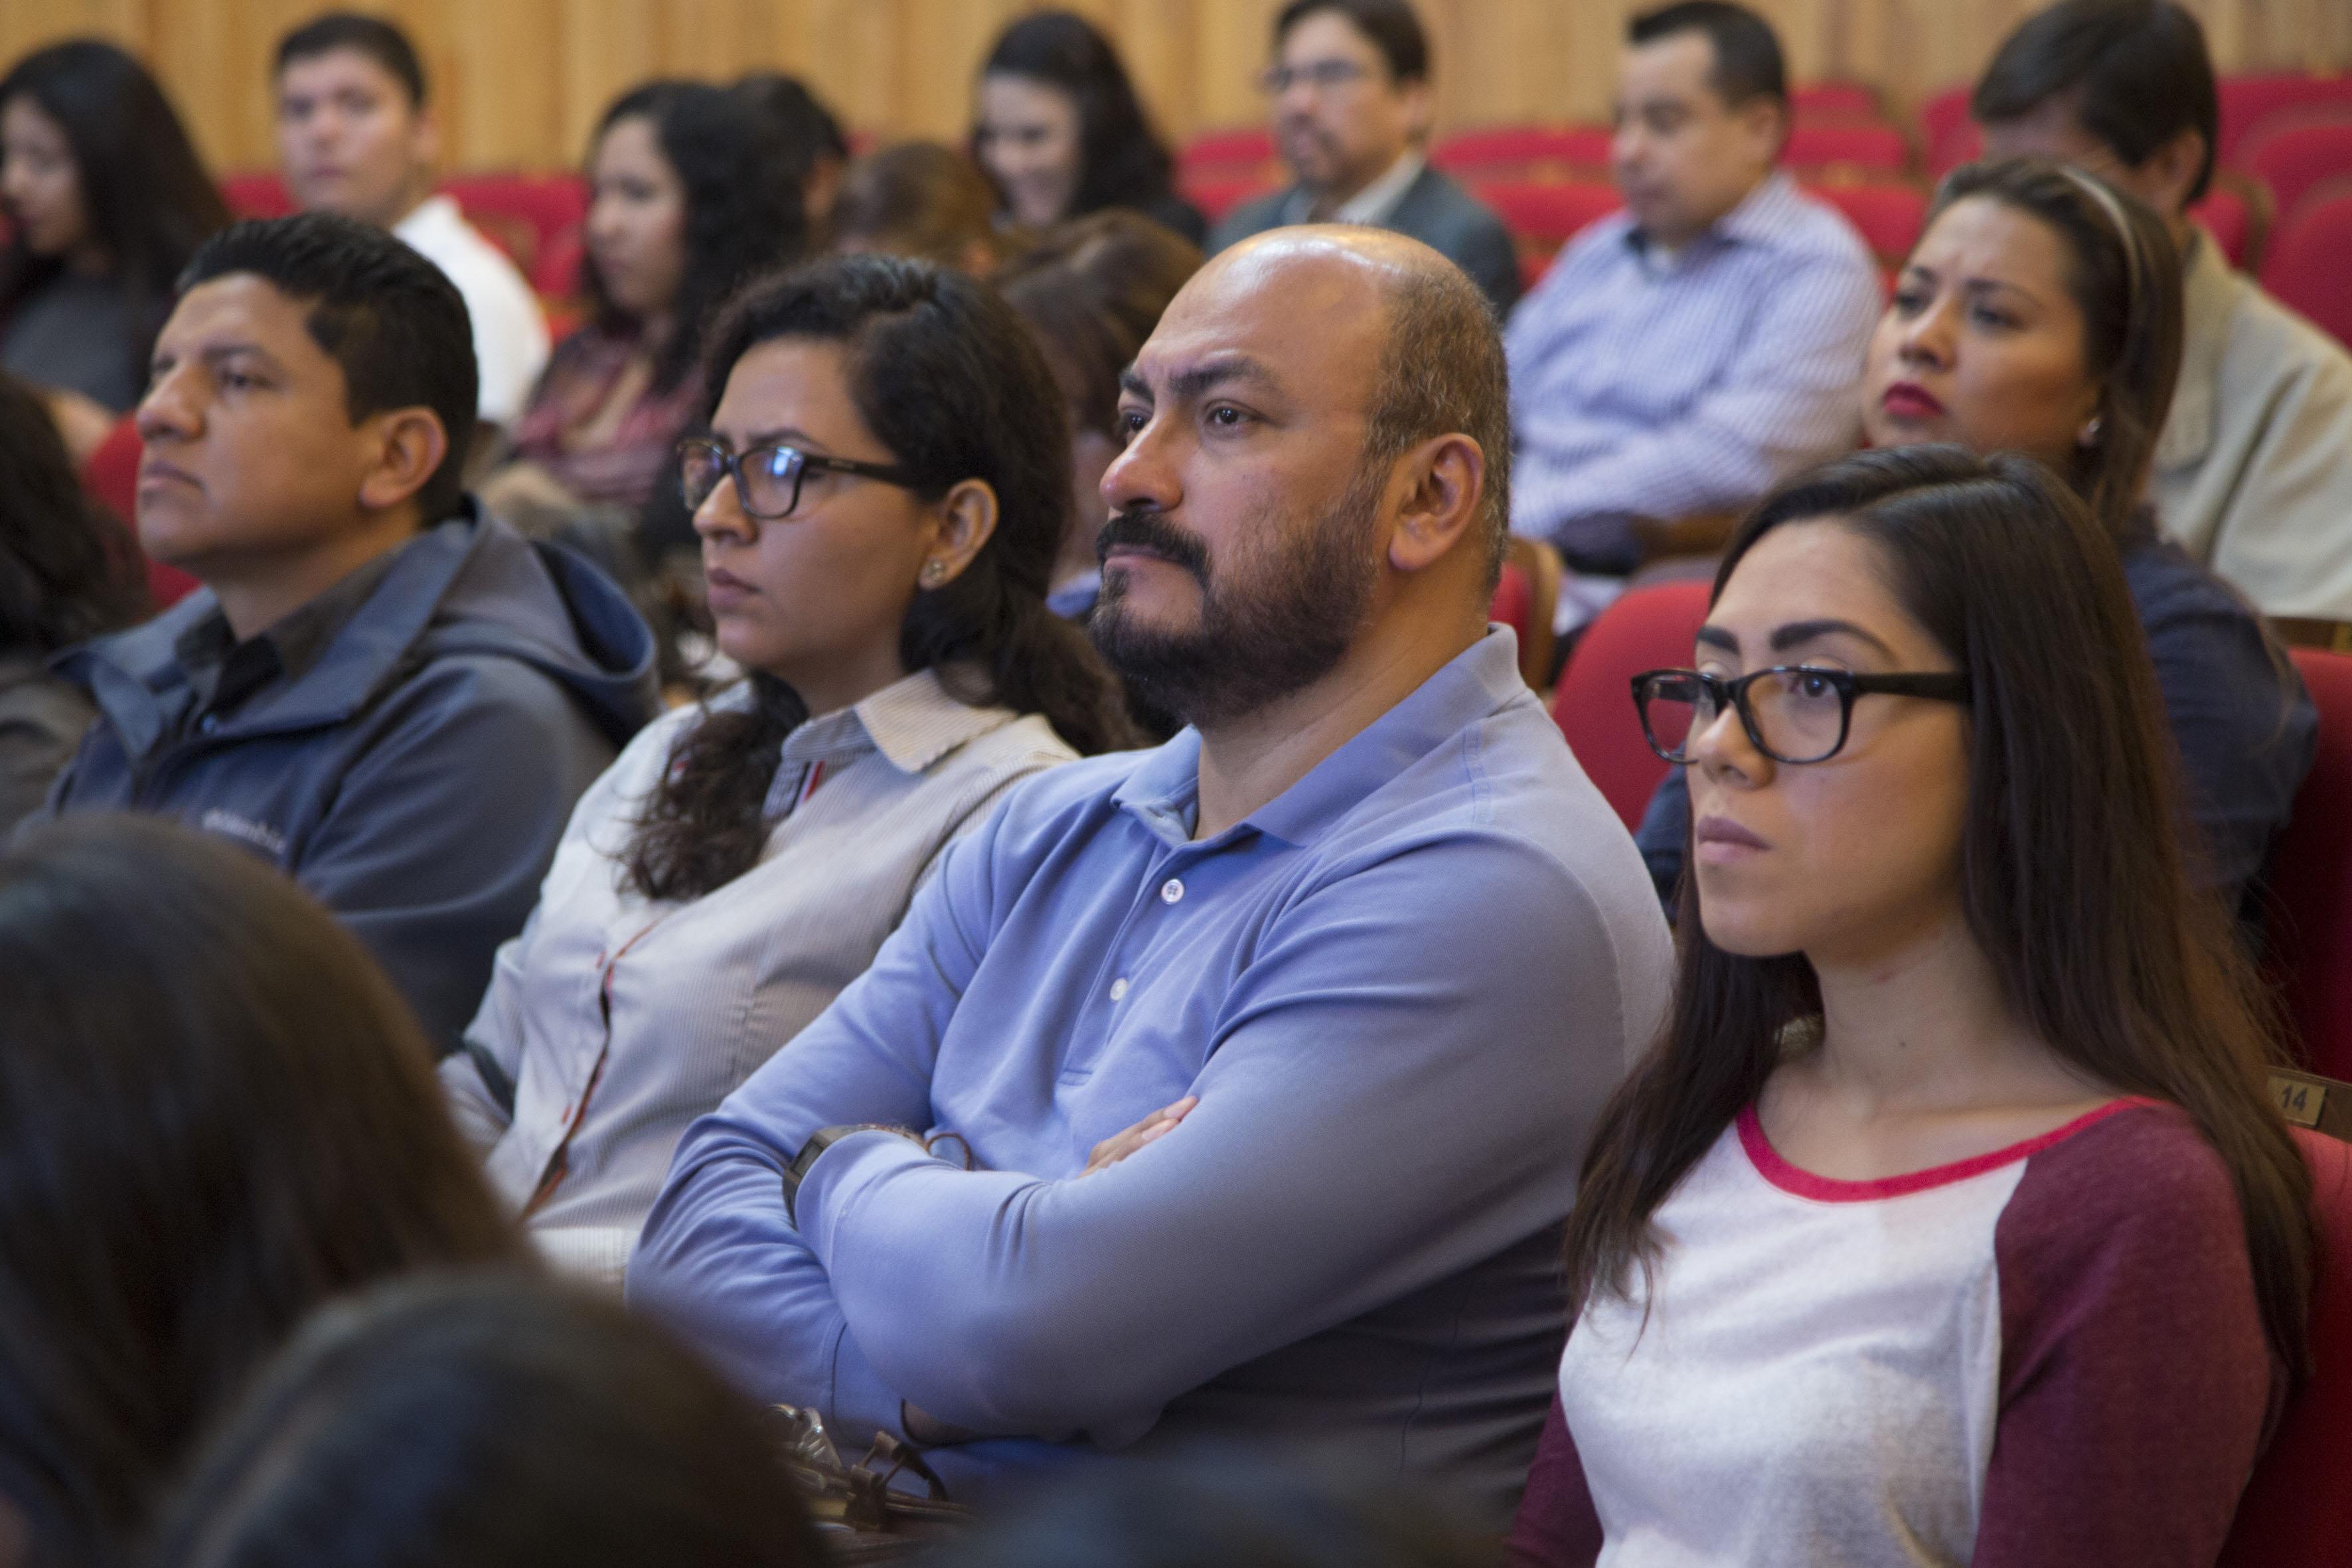 Público asistente al III Encuentro Latinoamericano de Innovación Social desde el Sector Público (ELIS), llevado a cabo en el Paraninfo Enrique Díaz de Léon